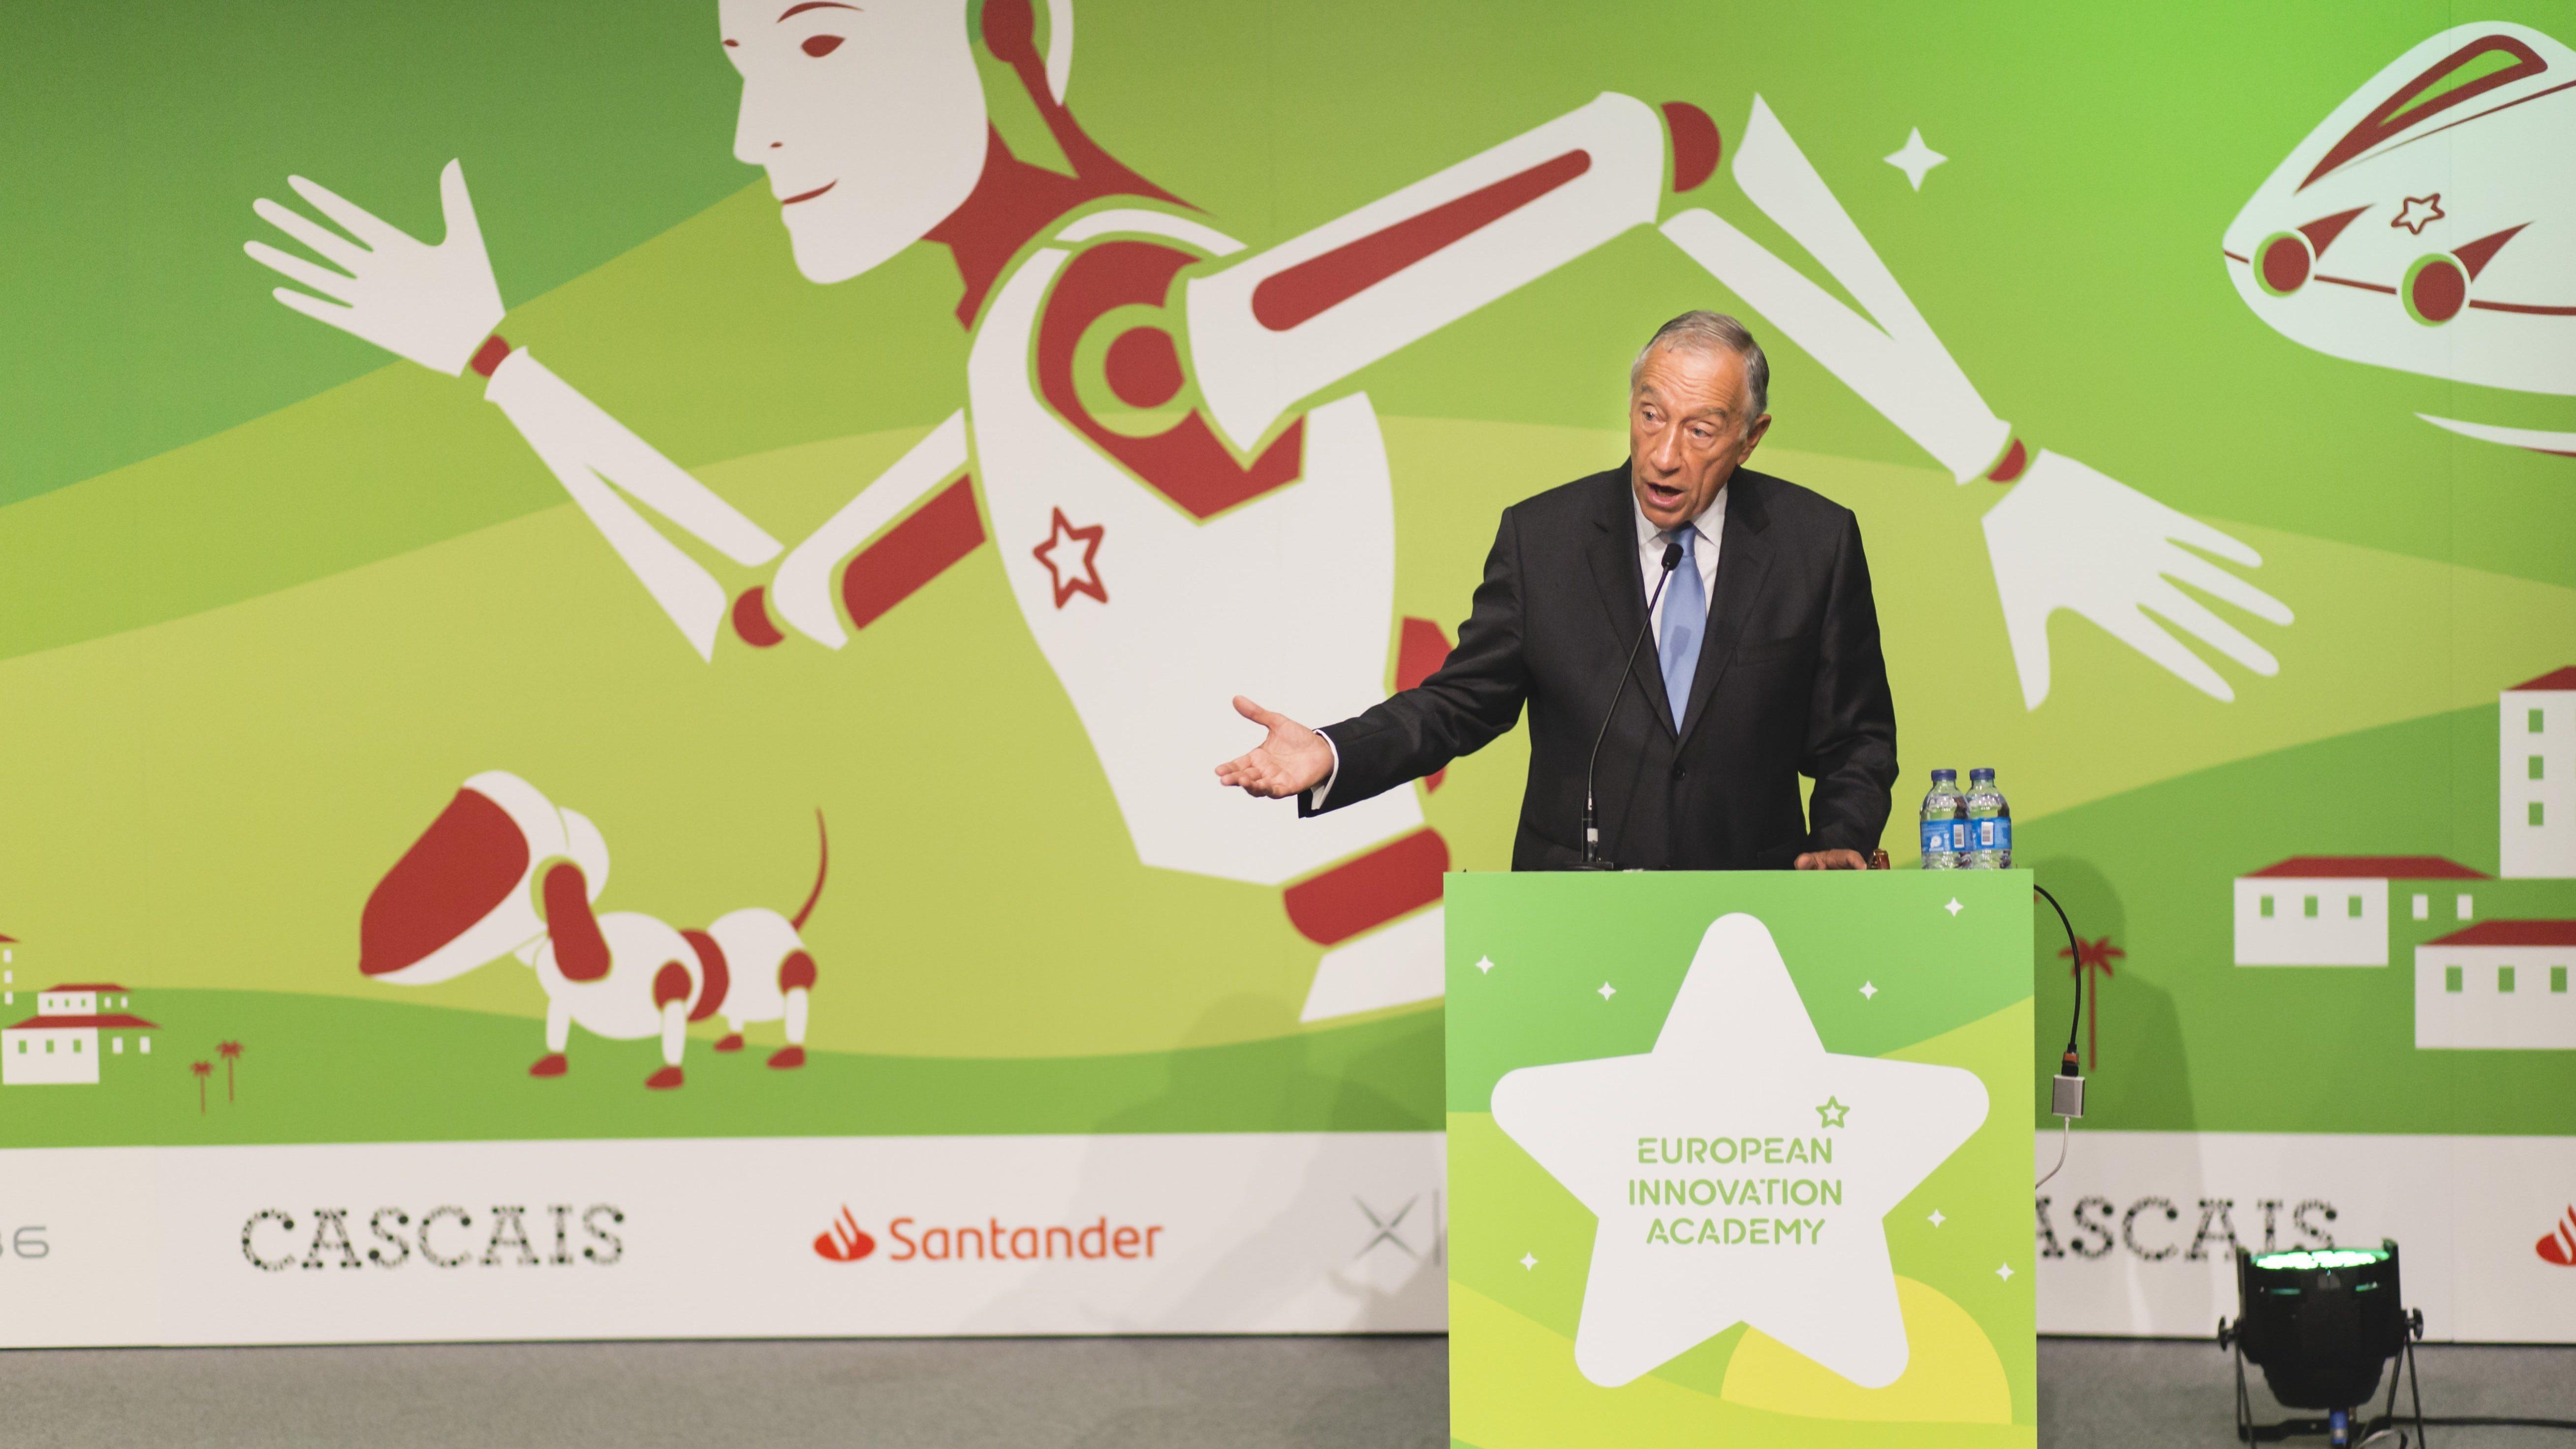 """Presidente da República apela aos jovens """"mudança de atitude"""" para mudar o mundo"""